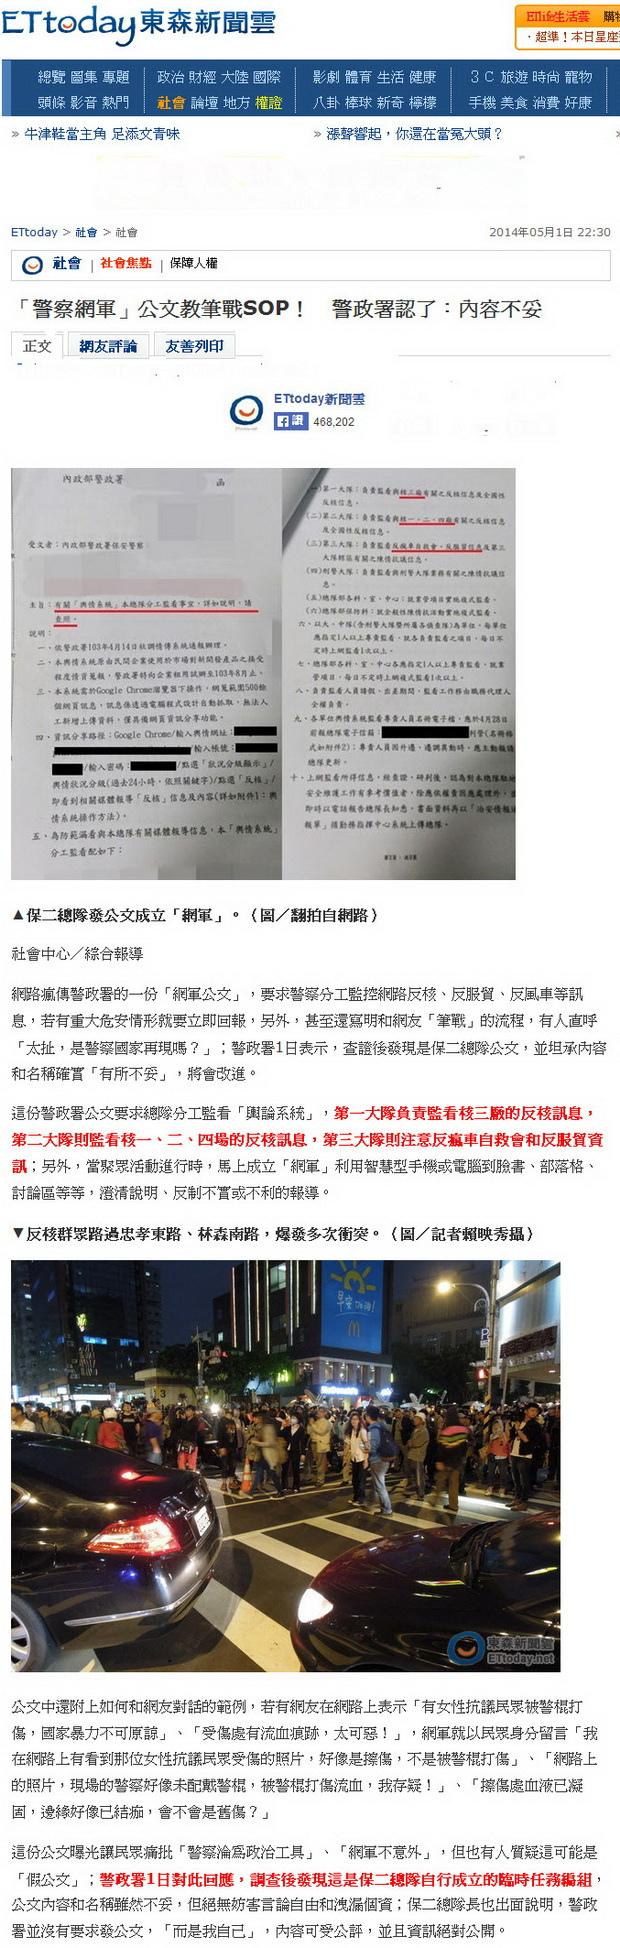 「警察網軍」公文教筆戰SOP! 警政署認了:內容不妥  -2014.05.01.jpg